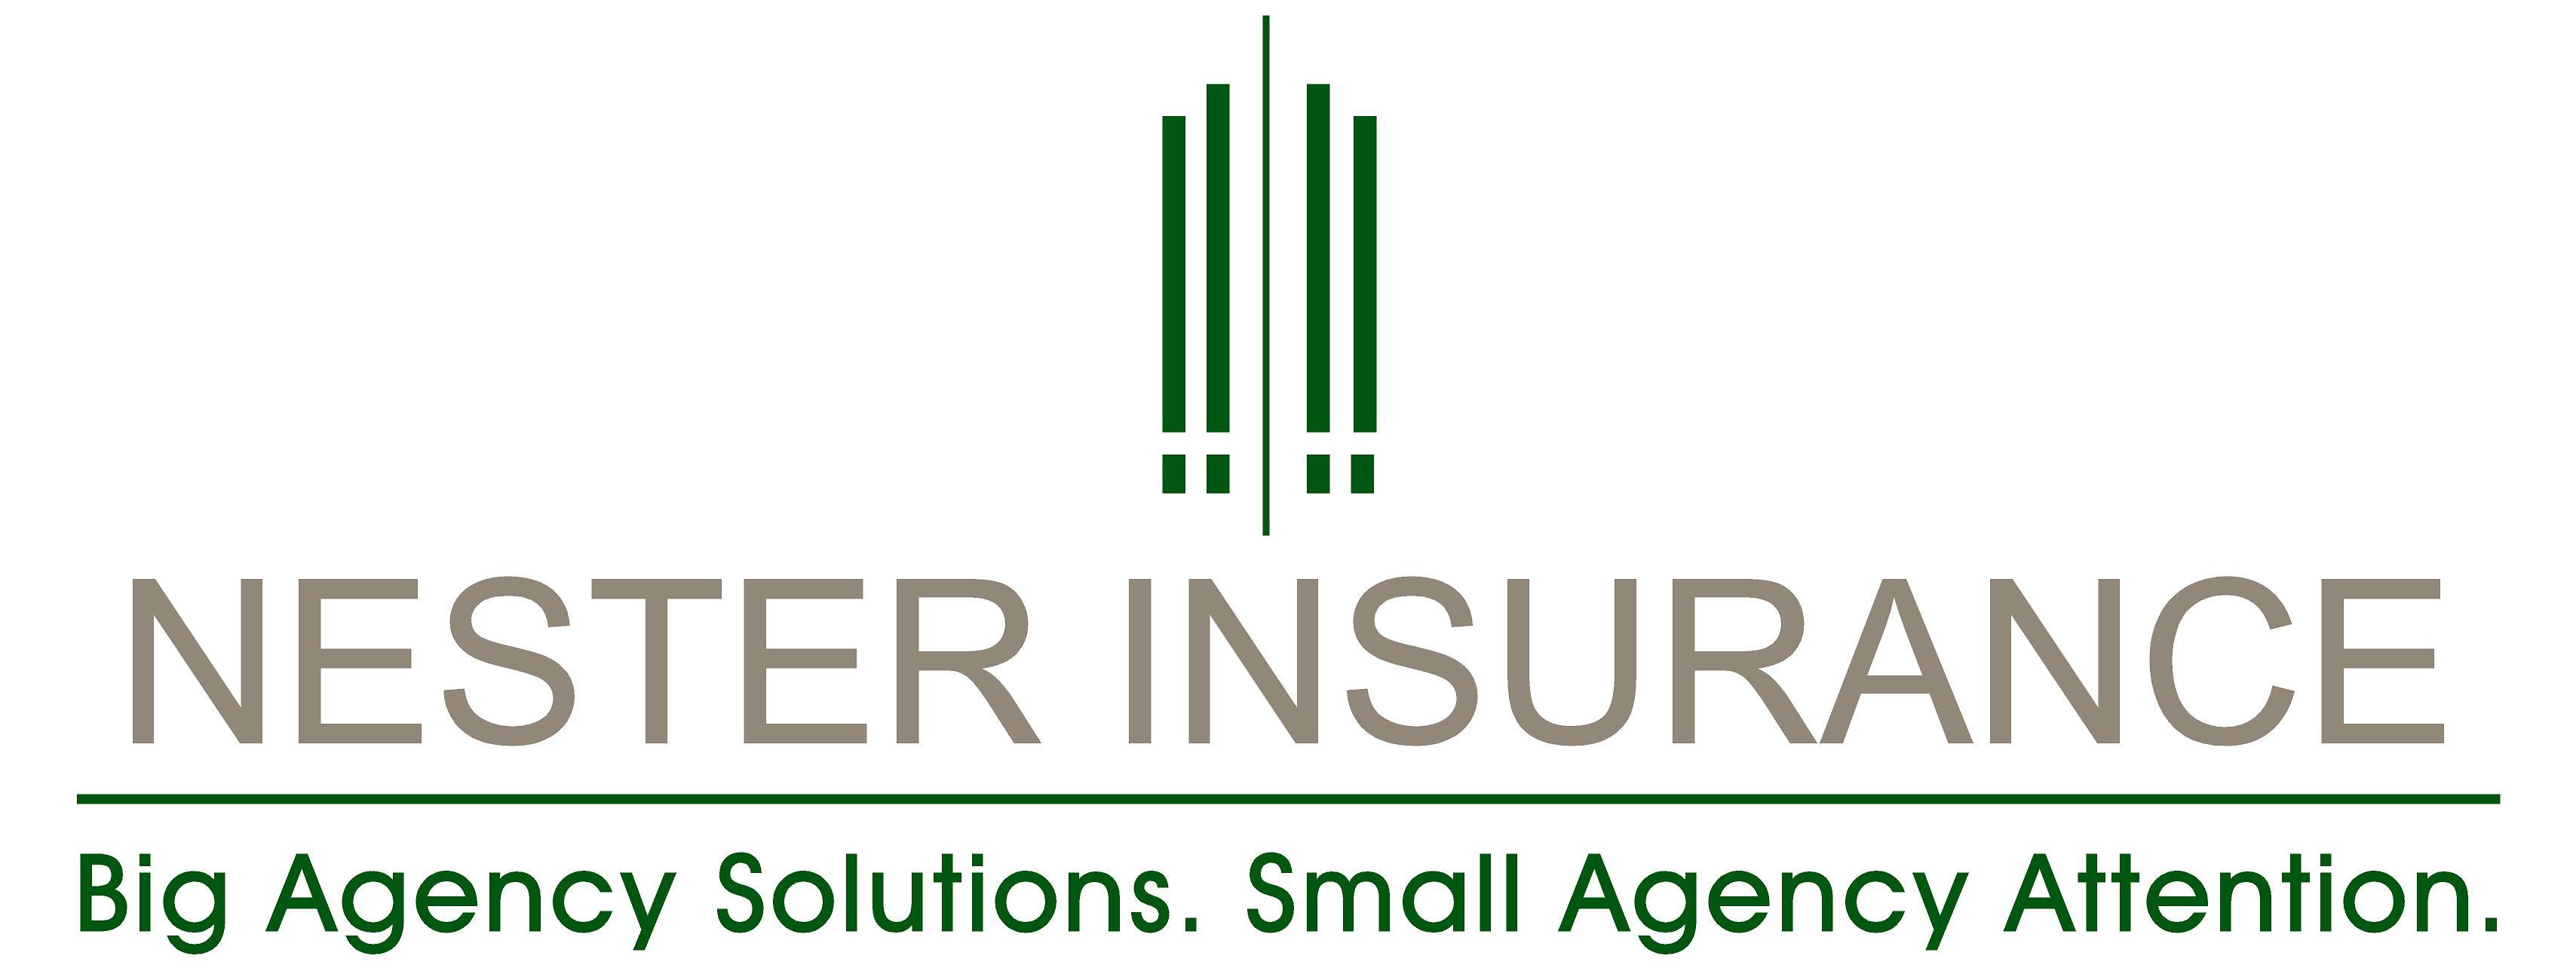 Nester Insurance